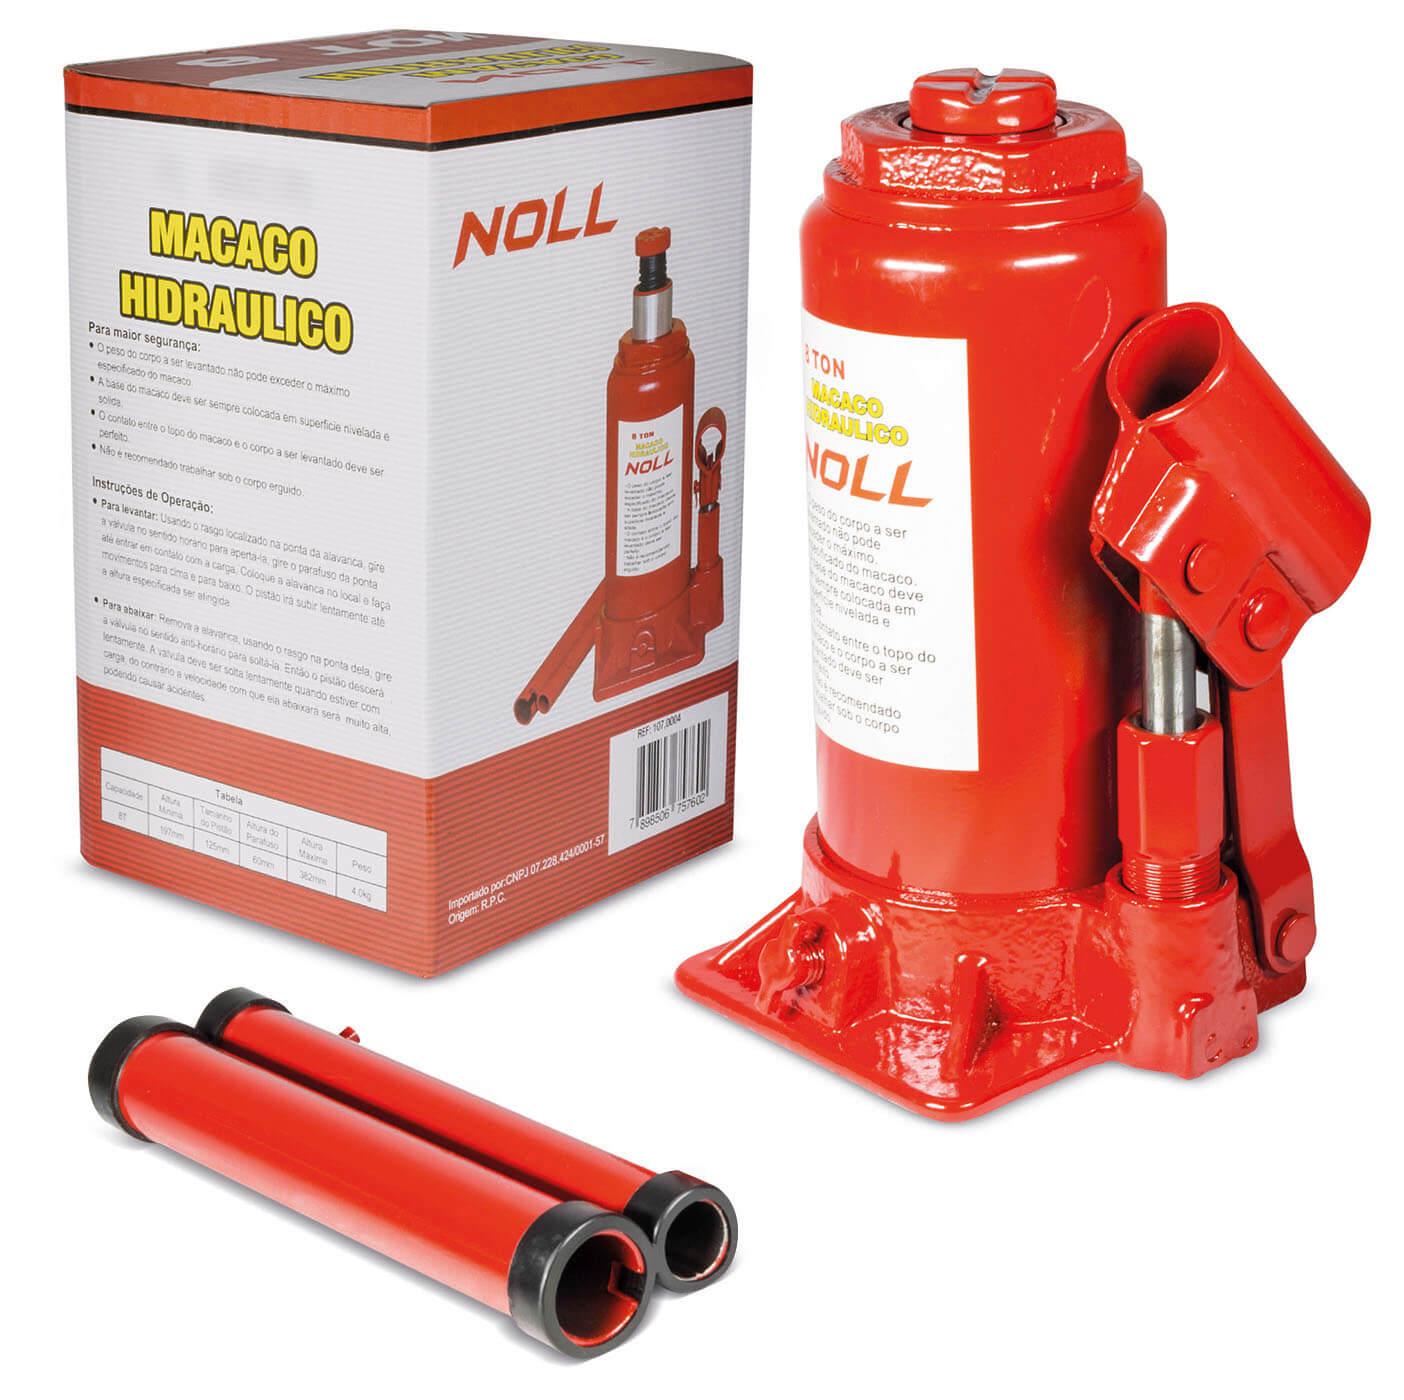 Macaco hidráulico tipo garrafa 20 toneladas - Noll